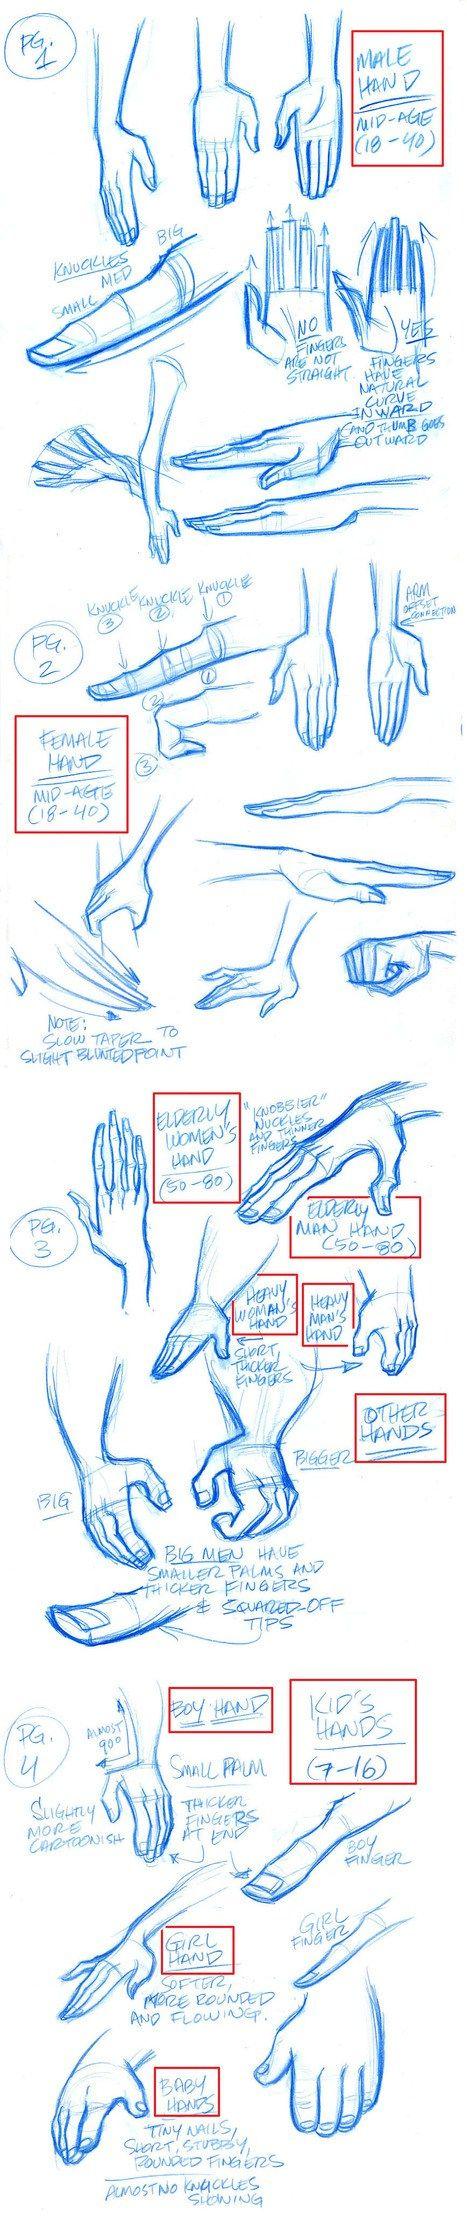 schemi per capire come disegnare le mani